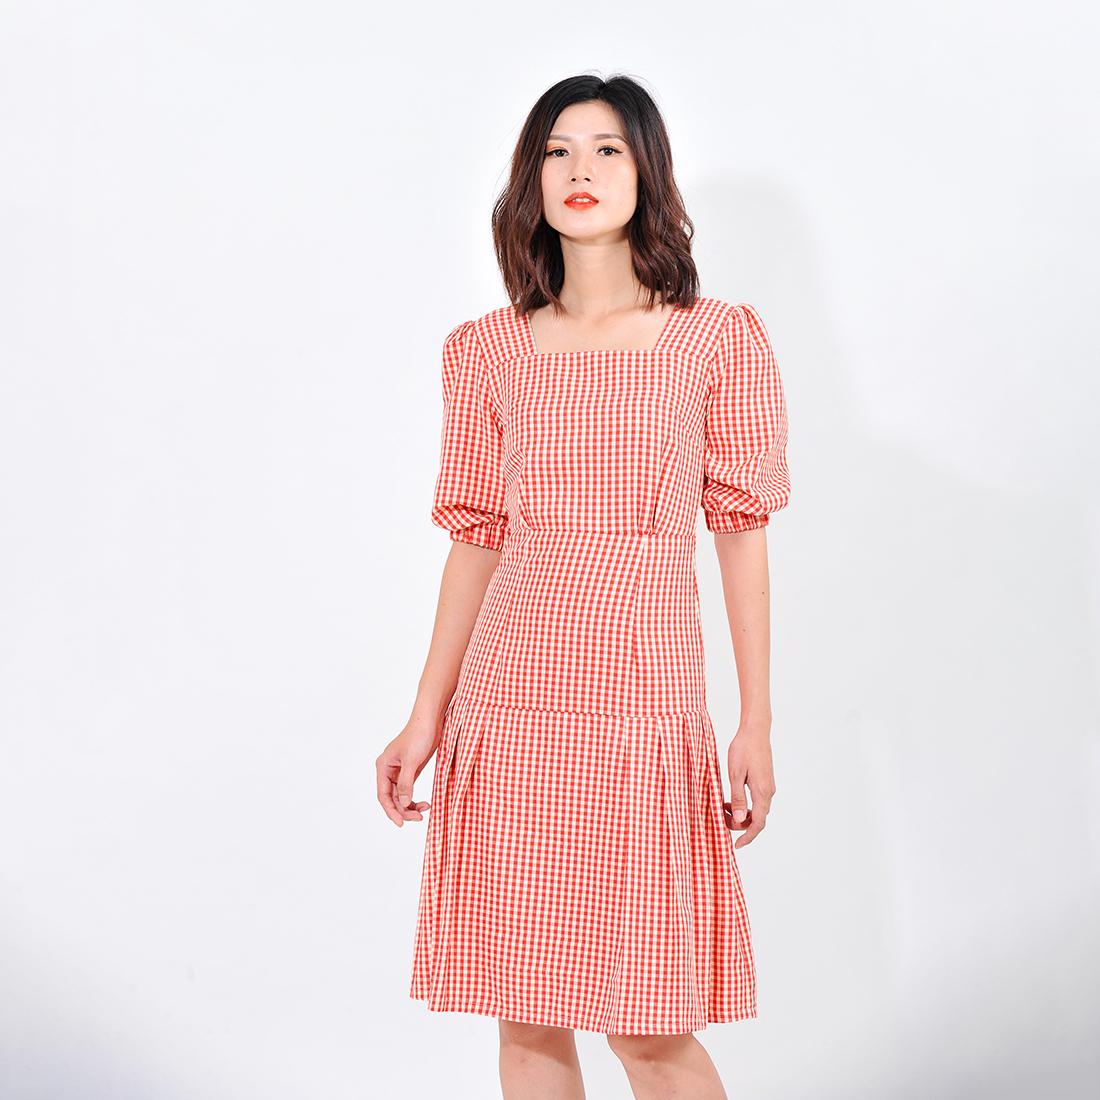 Váy đầm công sở nữ thời trang Eden kẻ caro cổ vuông tay lỡ. Kiểu dáng nữ tính. Màu sắc trẻ trung - D410 1